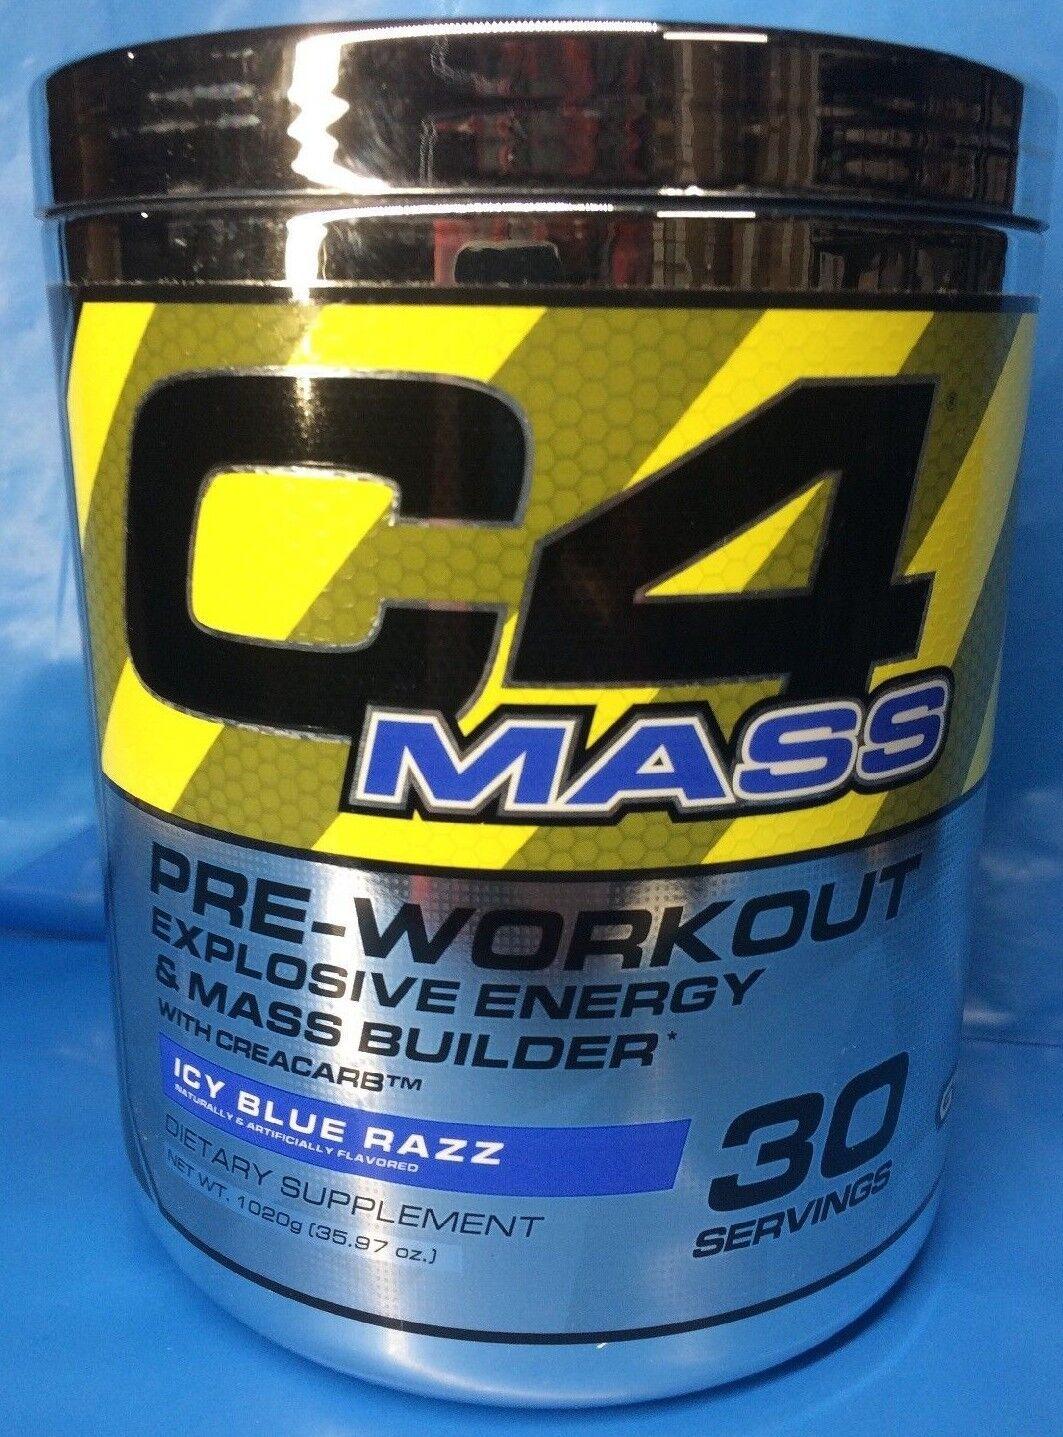 c4 mass pre workout energy mass builder